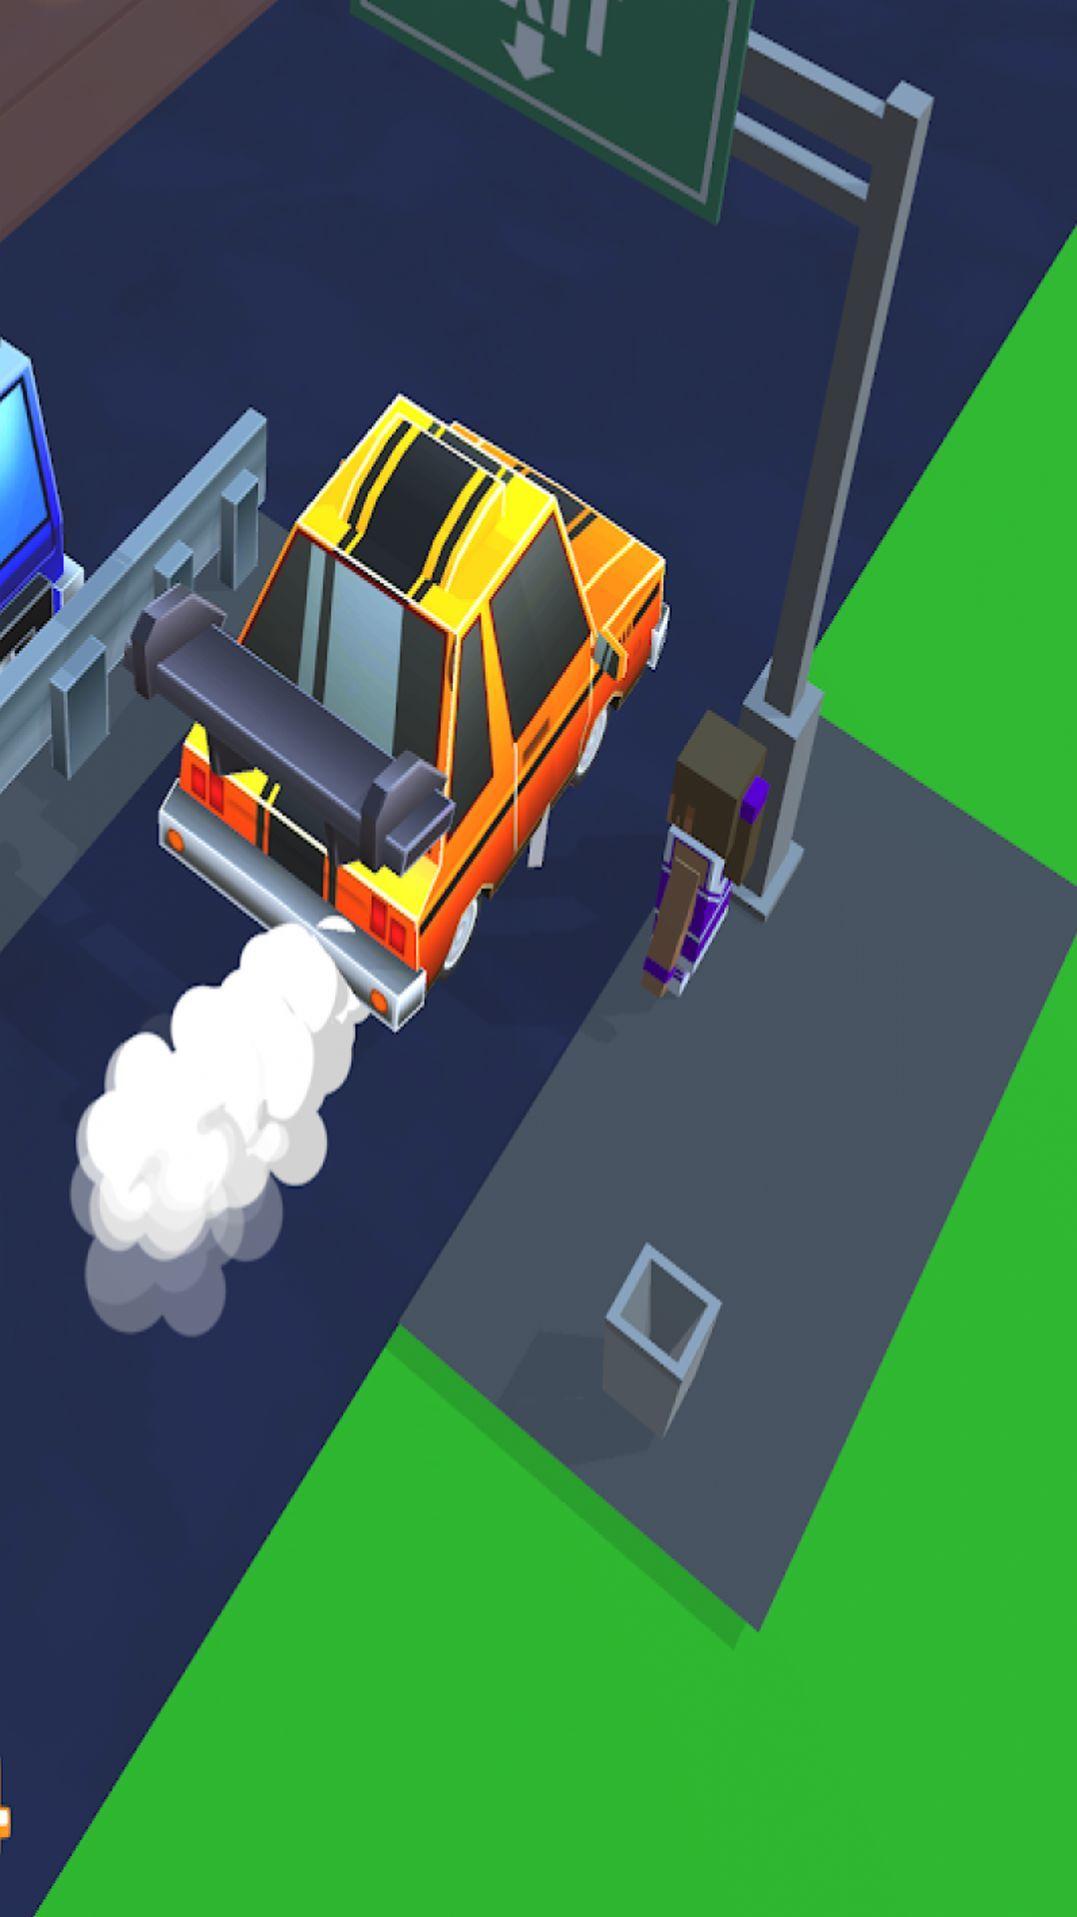 像素疯狂出租车